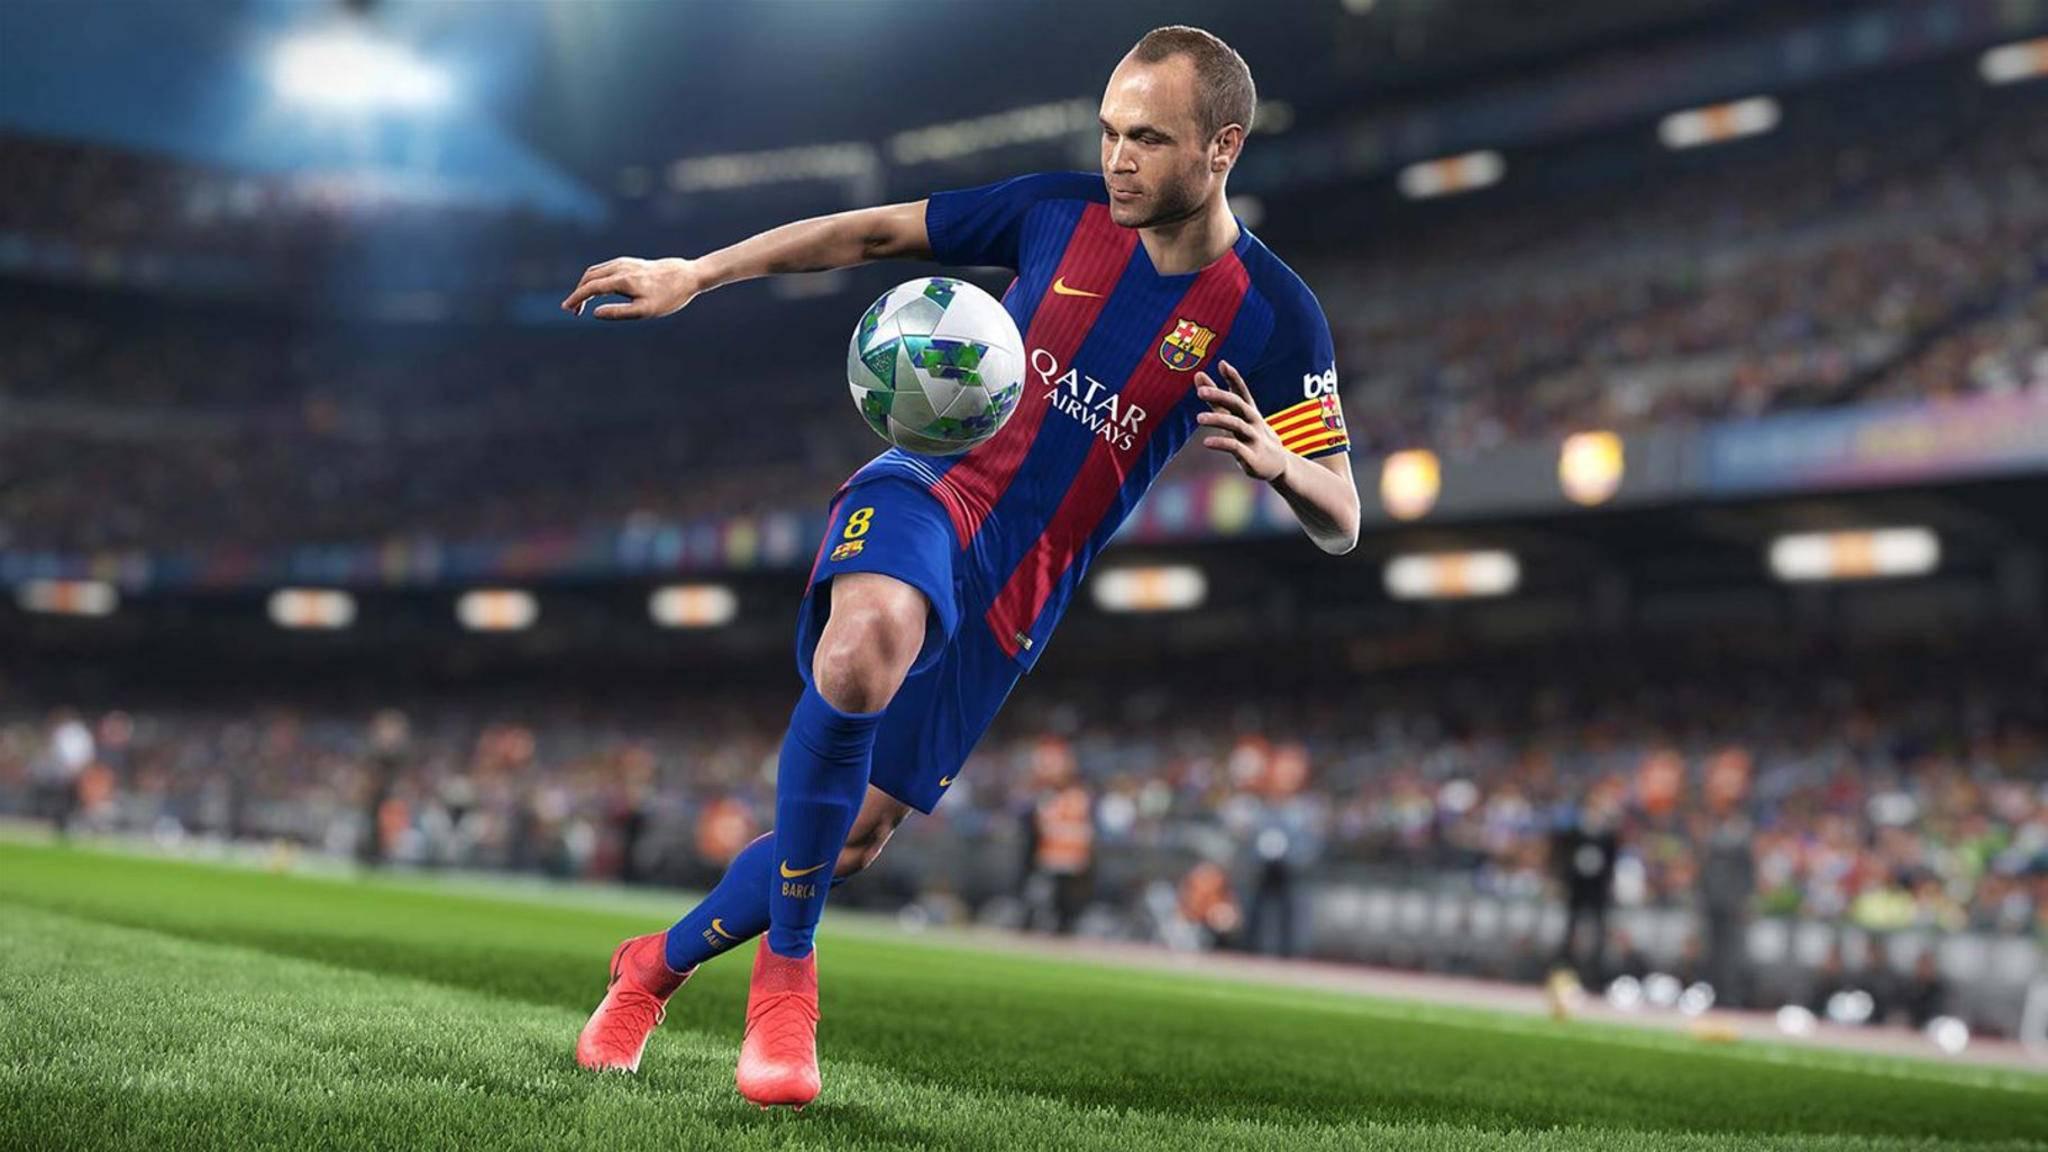 """""""Pro Evolution Soccer 2018"""": Konami wirbt mit Andrés Iniesta und den Stars des FC Barcelona."""